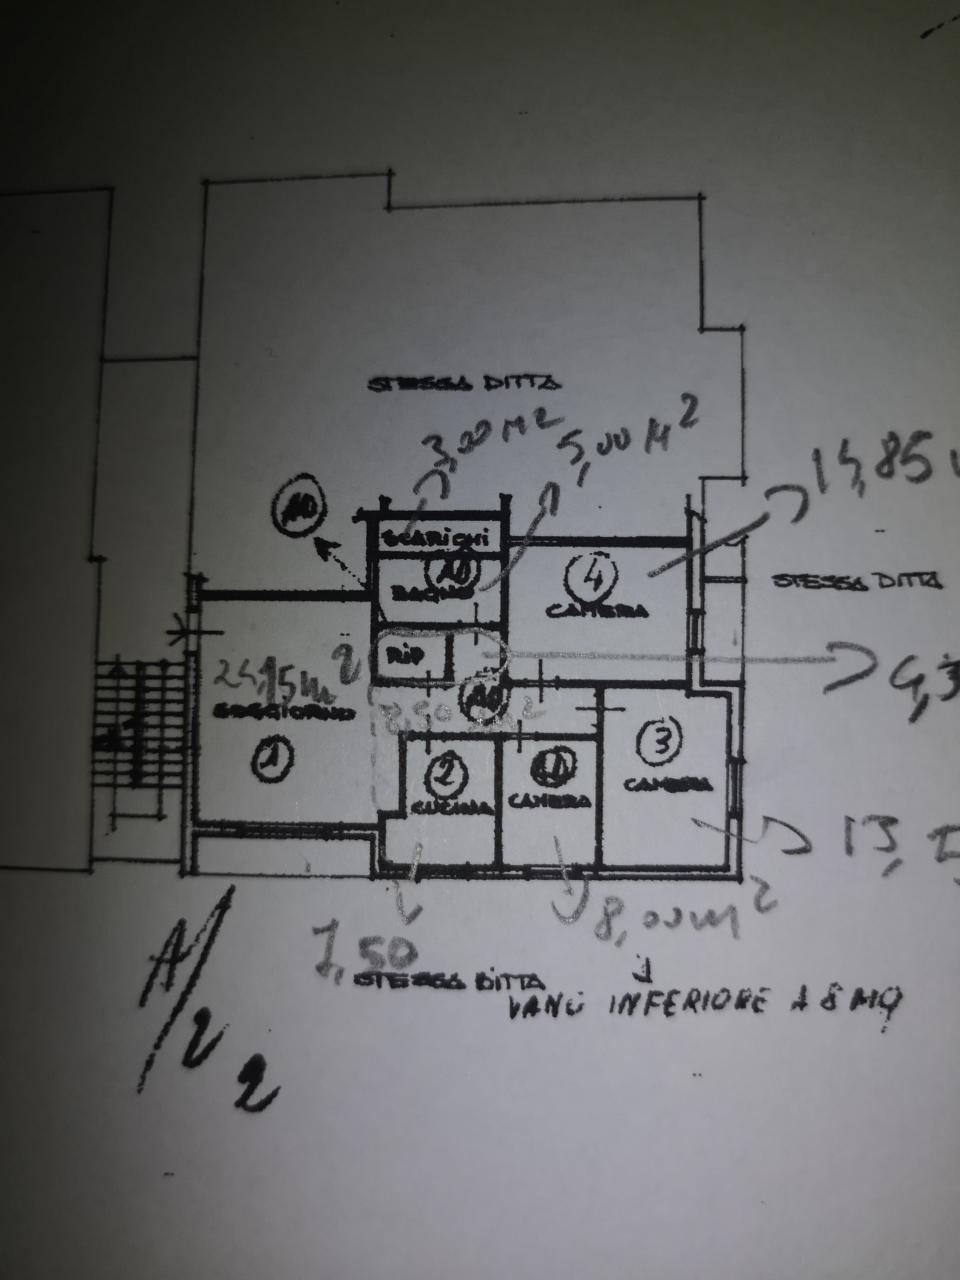 Appartamento in vendita, rif. 2860